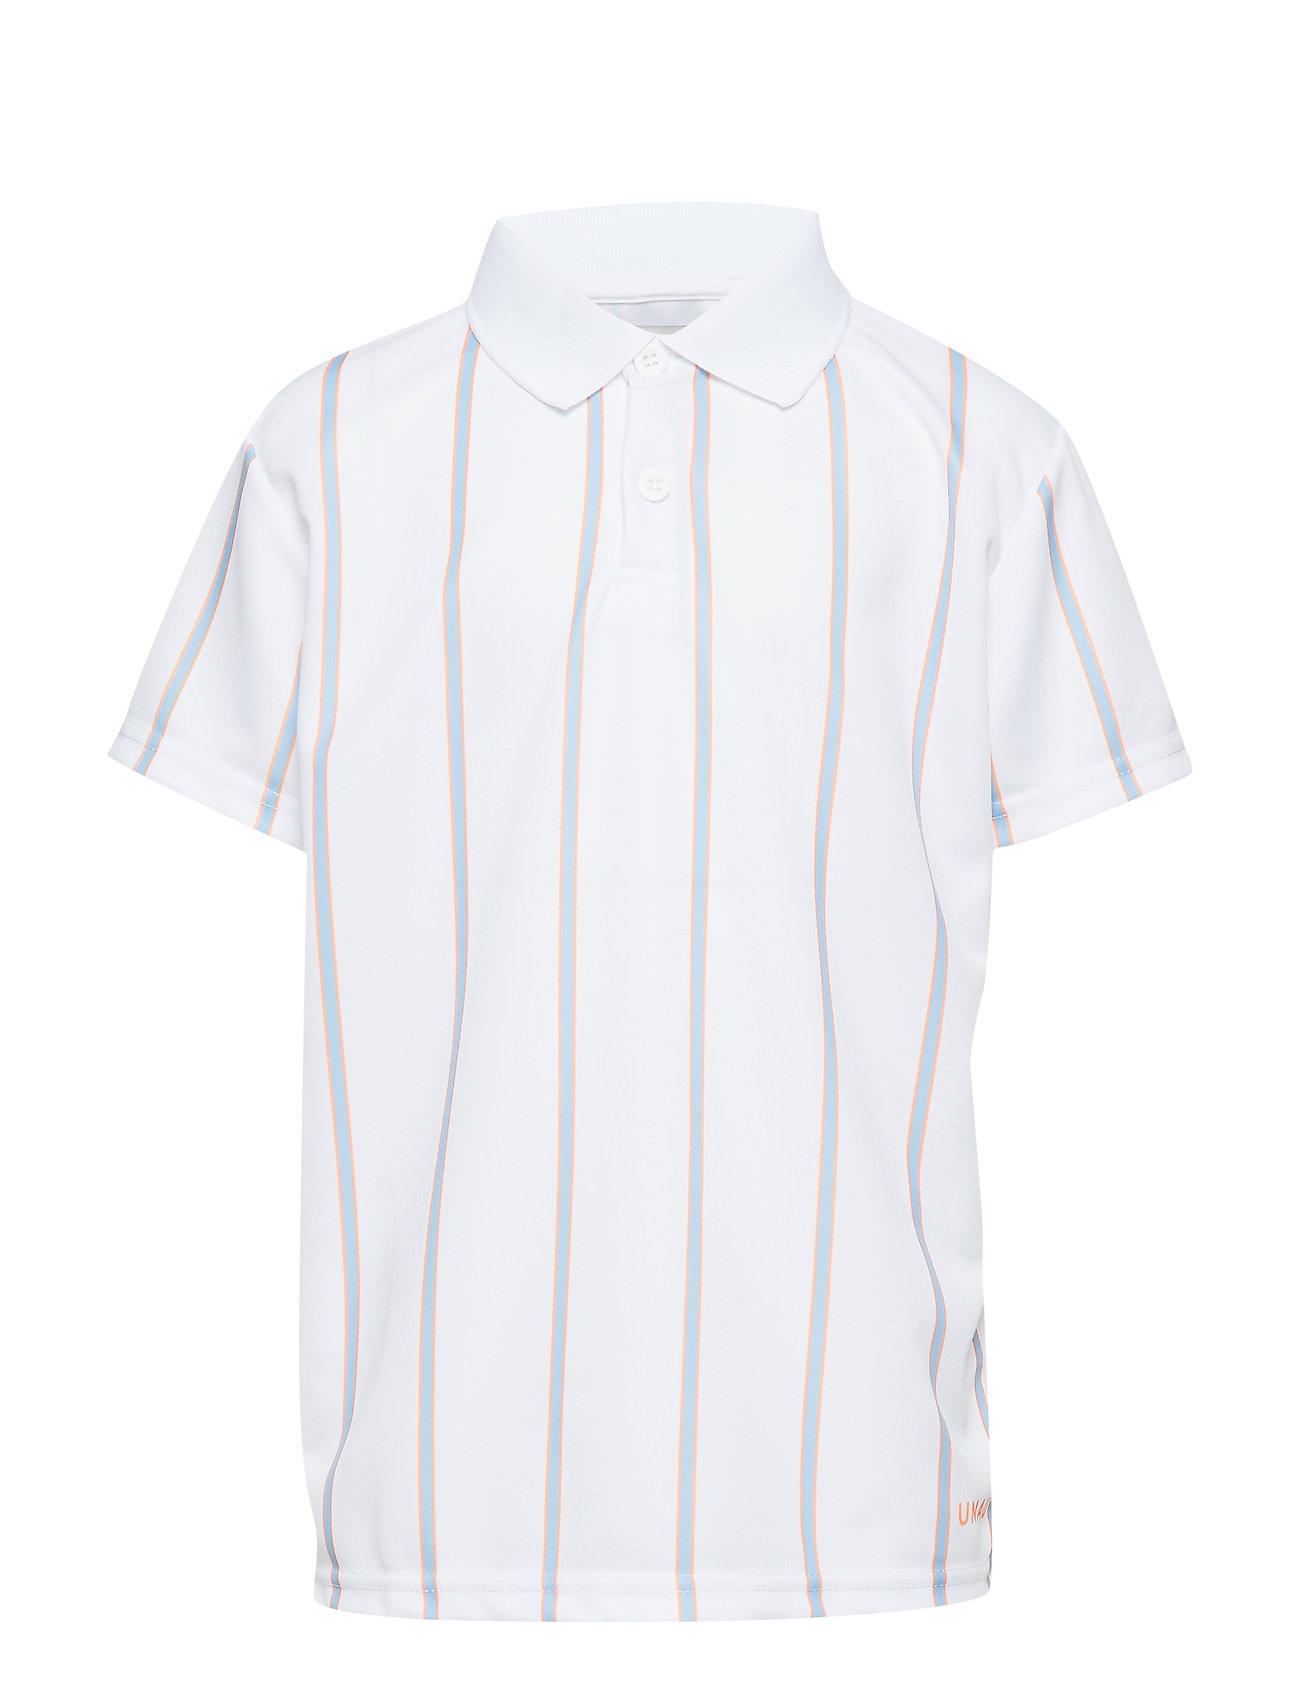 Unauthorized Antonio Football Shirt, K - WHITE